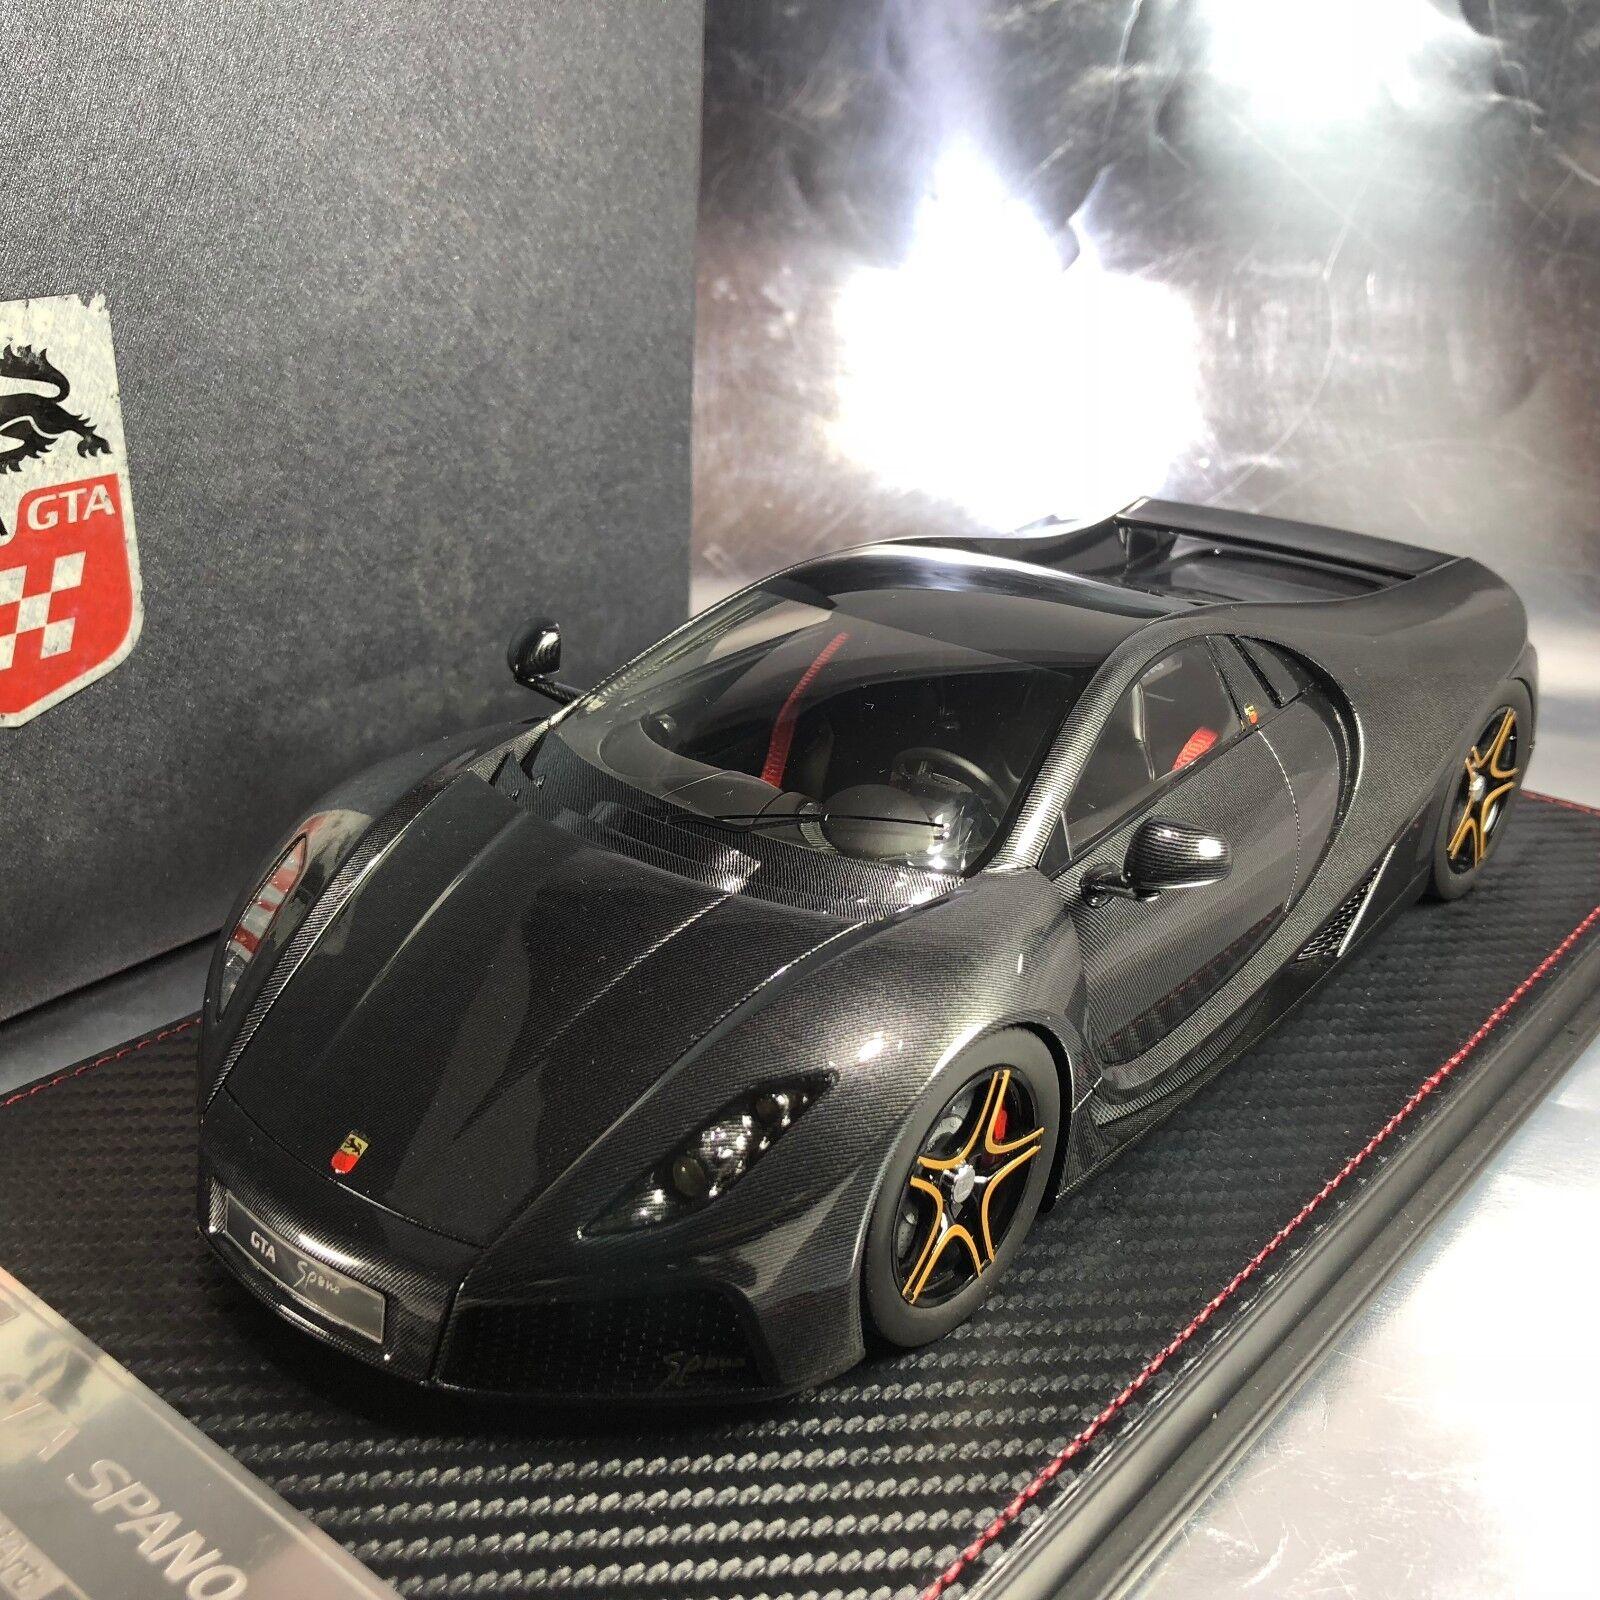 1 18 Frontiart  F029-28 GTA Speno Shiny Carbon Ltd 100 pcs